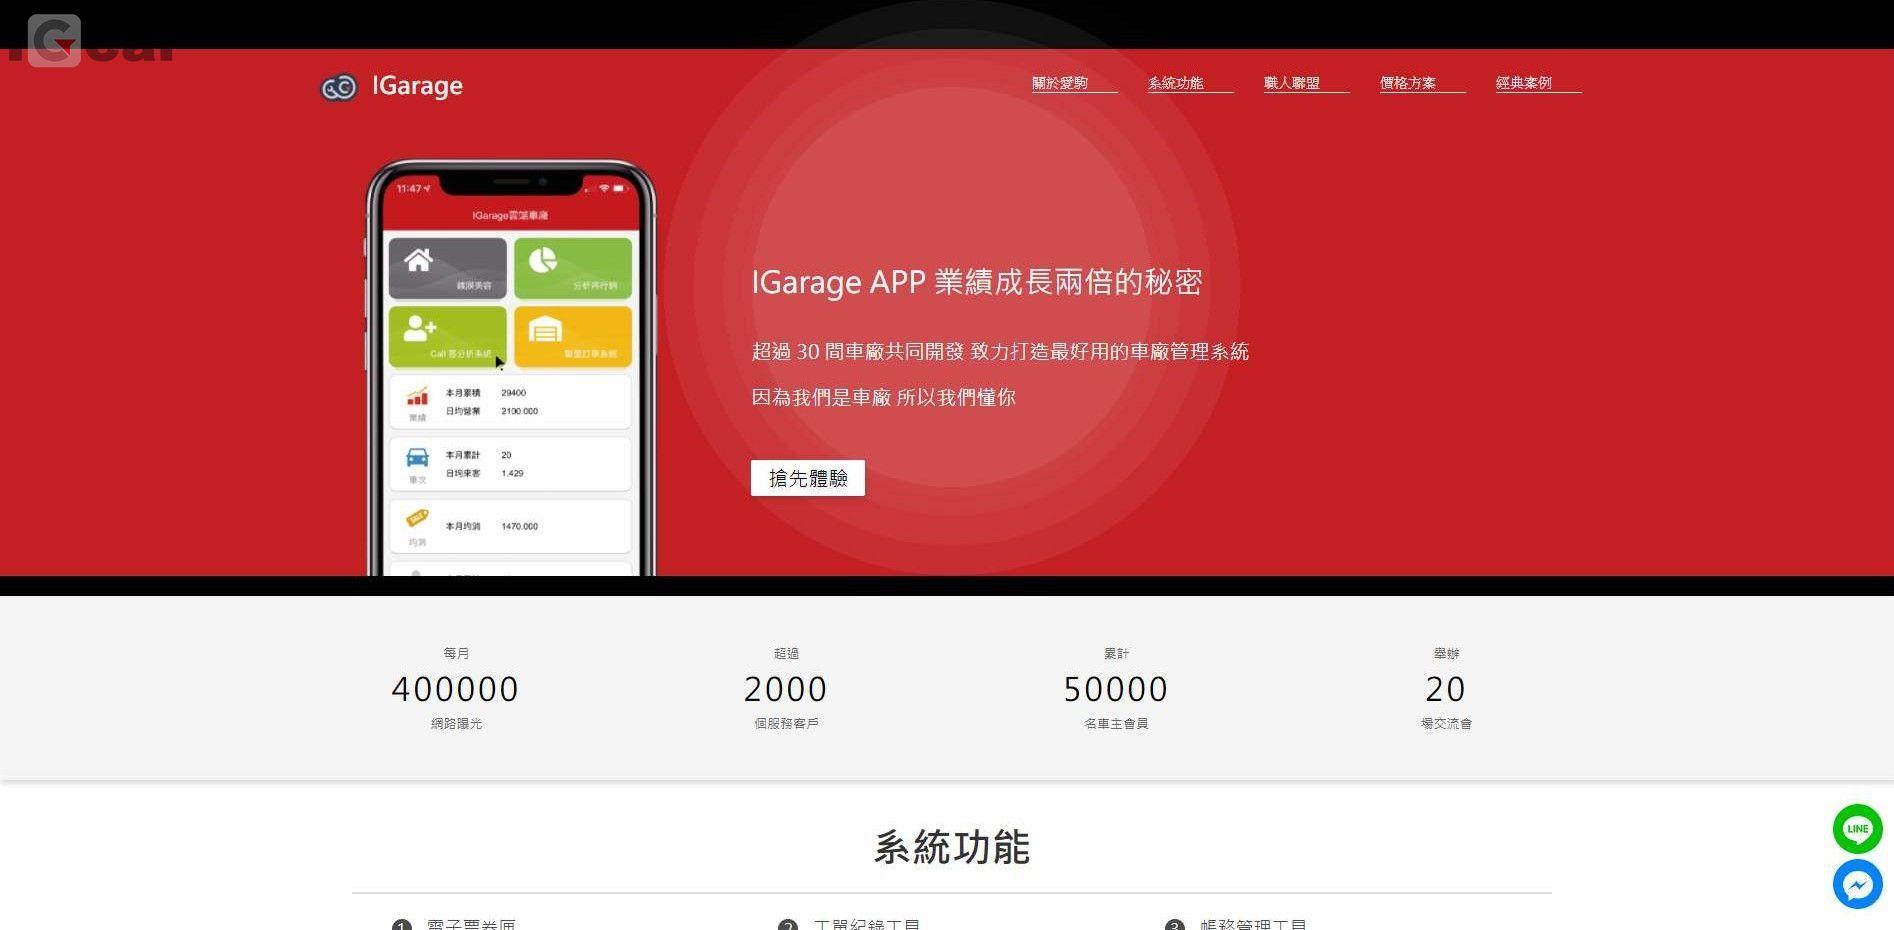 IGcar 愛駒資訊 藍濤亞洲 投資